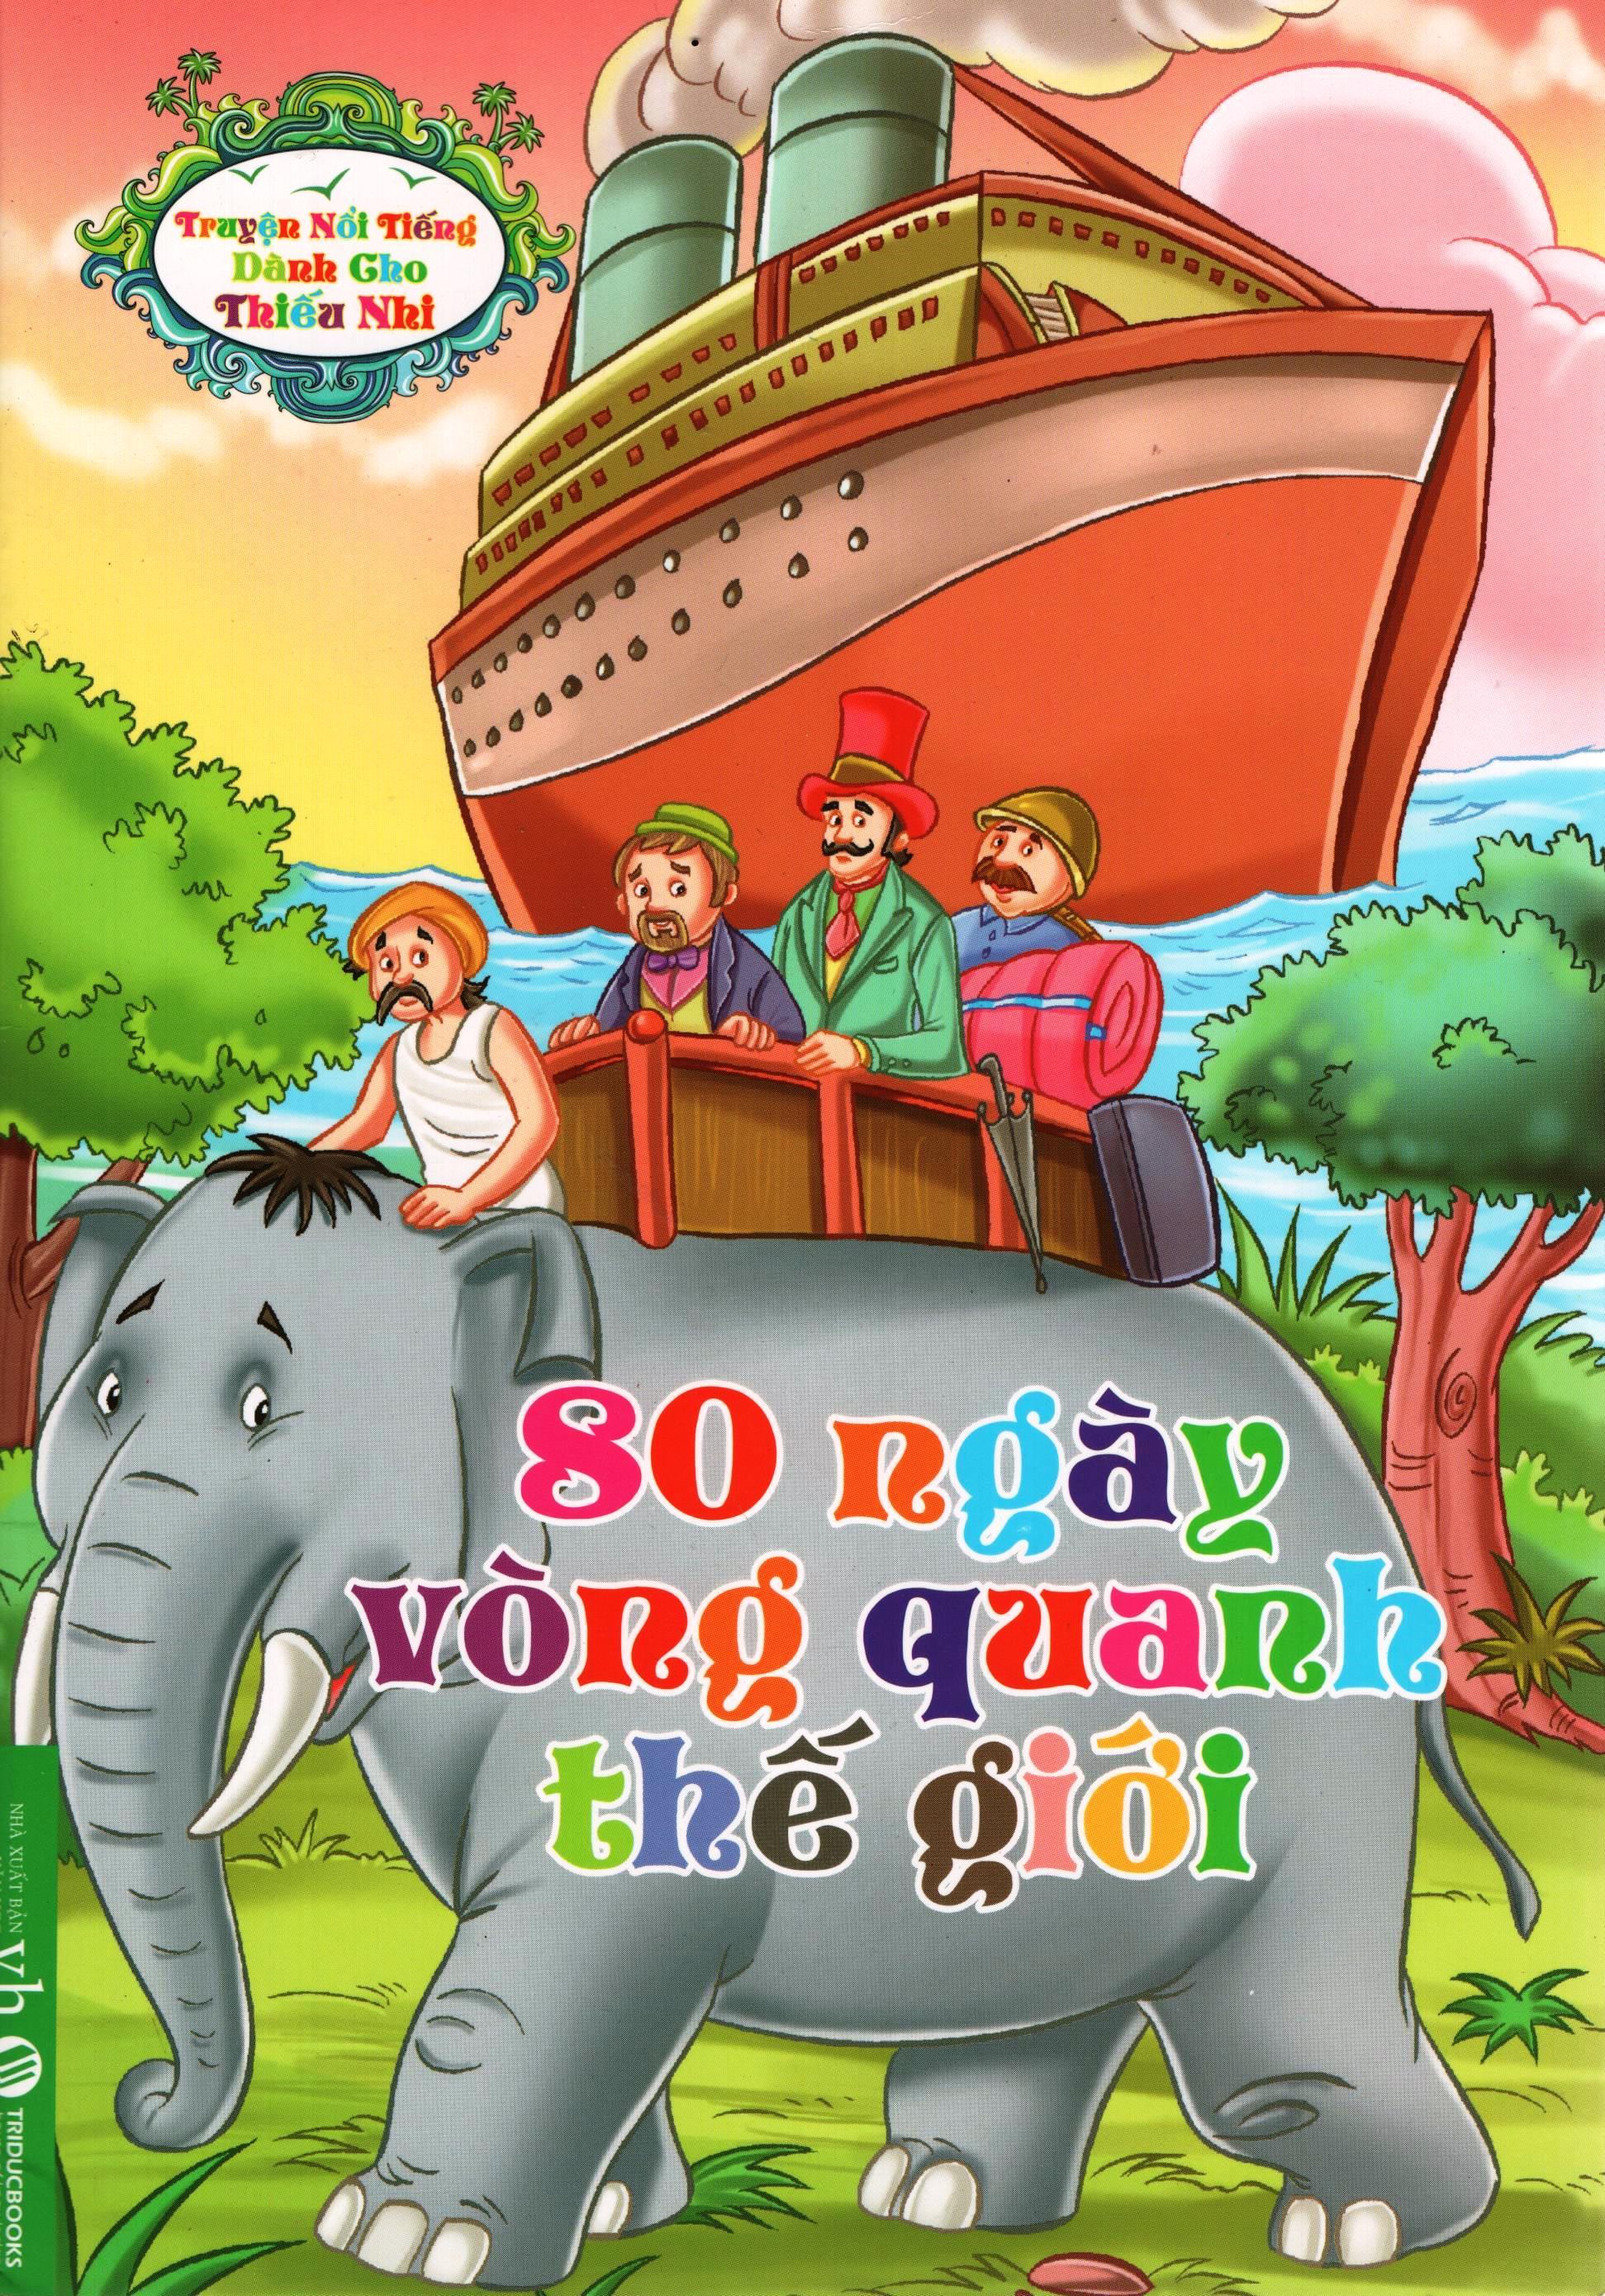 Bìa sách Truyện Nổi Tiếng Dành Cho Thiếu Nhi – 80 Ngày Vòng Quanh Thế Giới